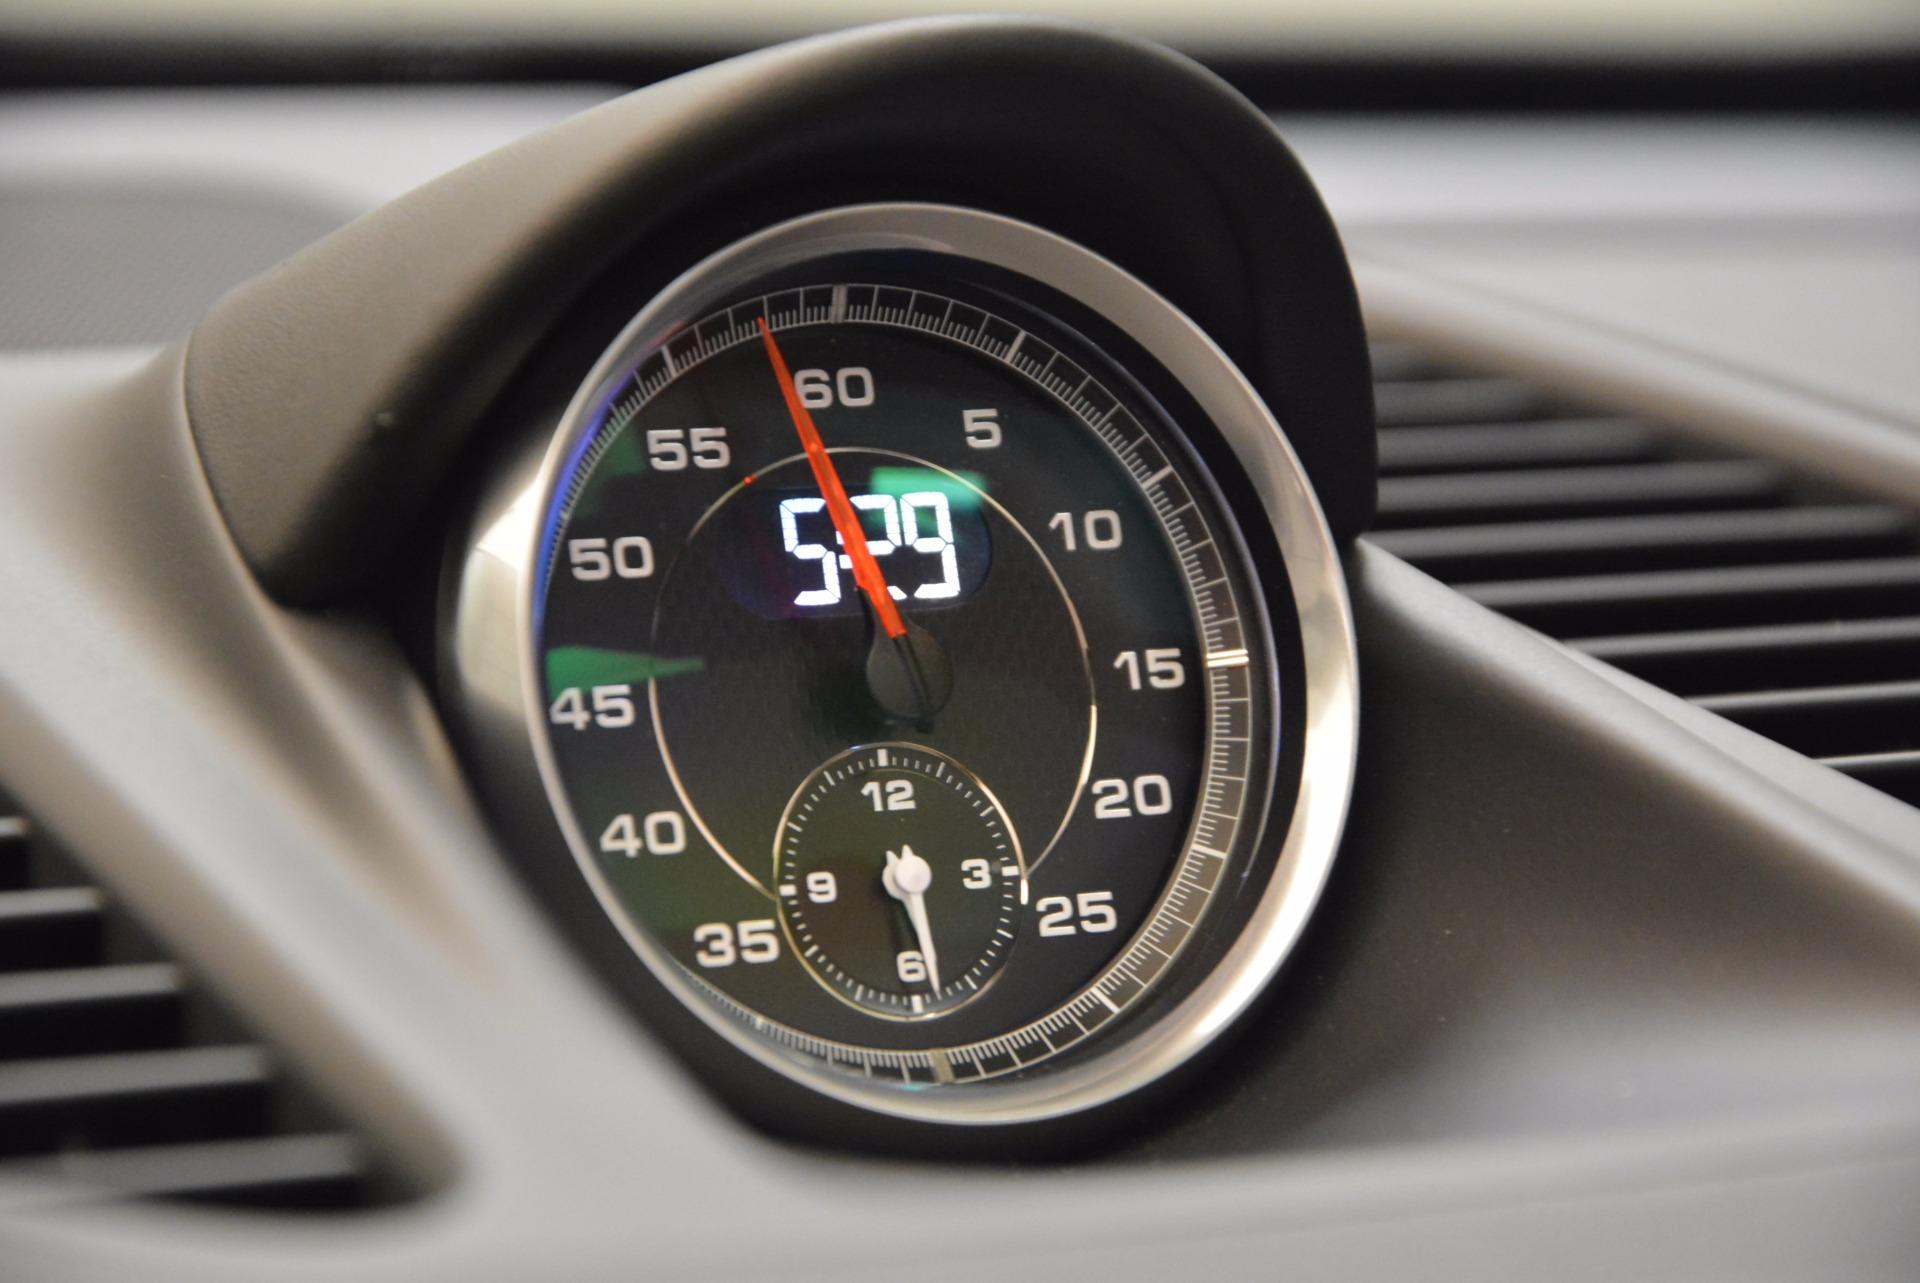 Used 2012 Porsche 911 Carrera S For Sale In Greenwich, CT 1790_p26